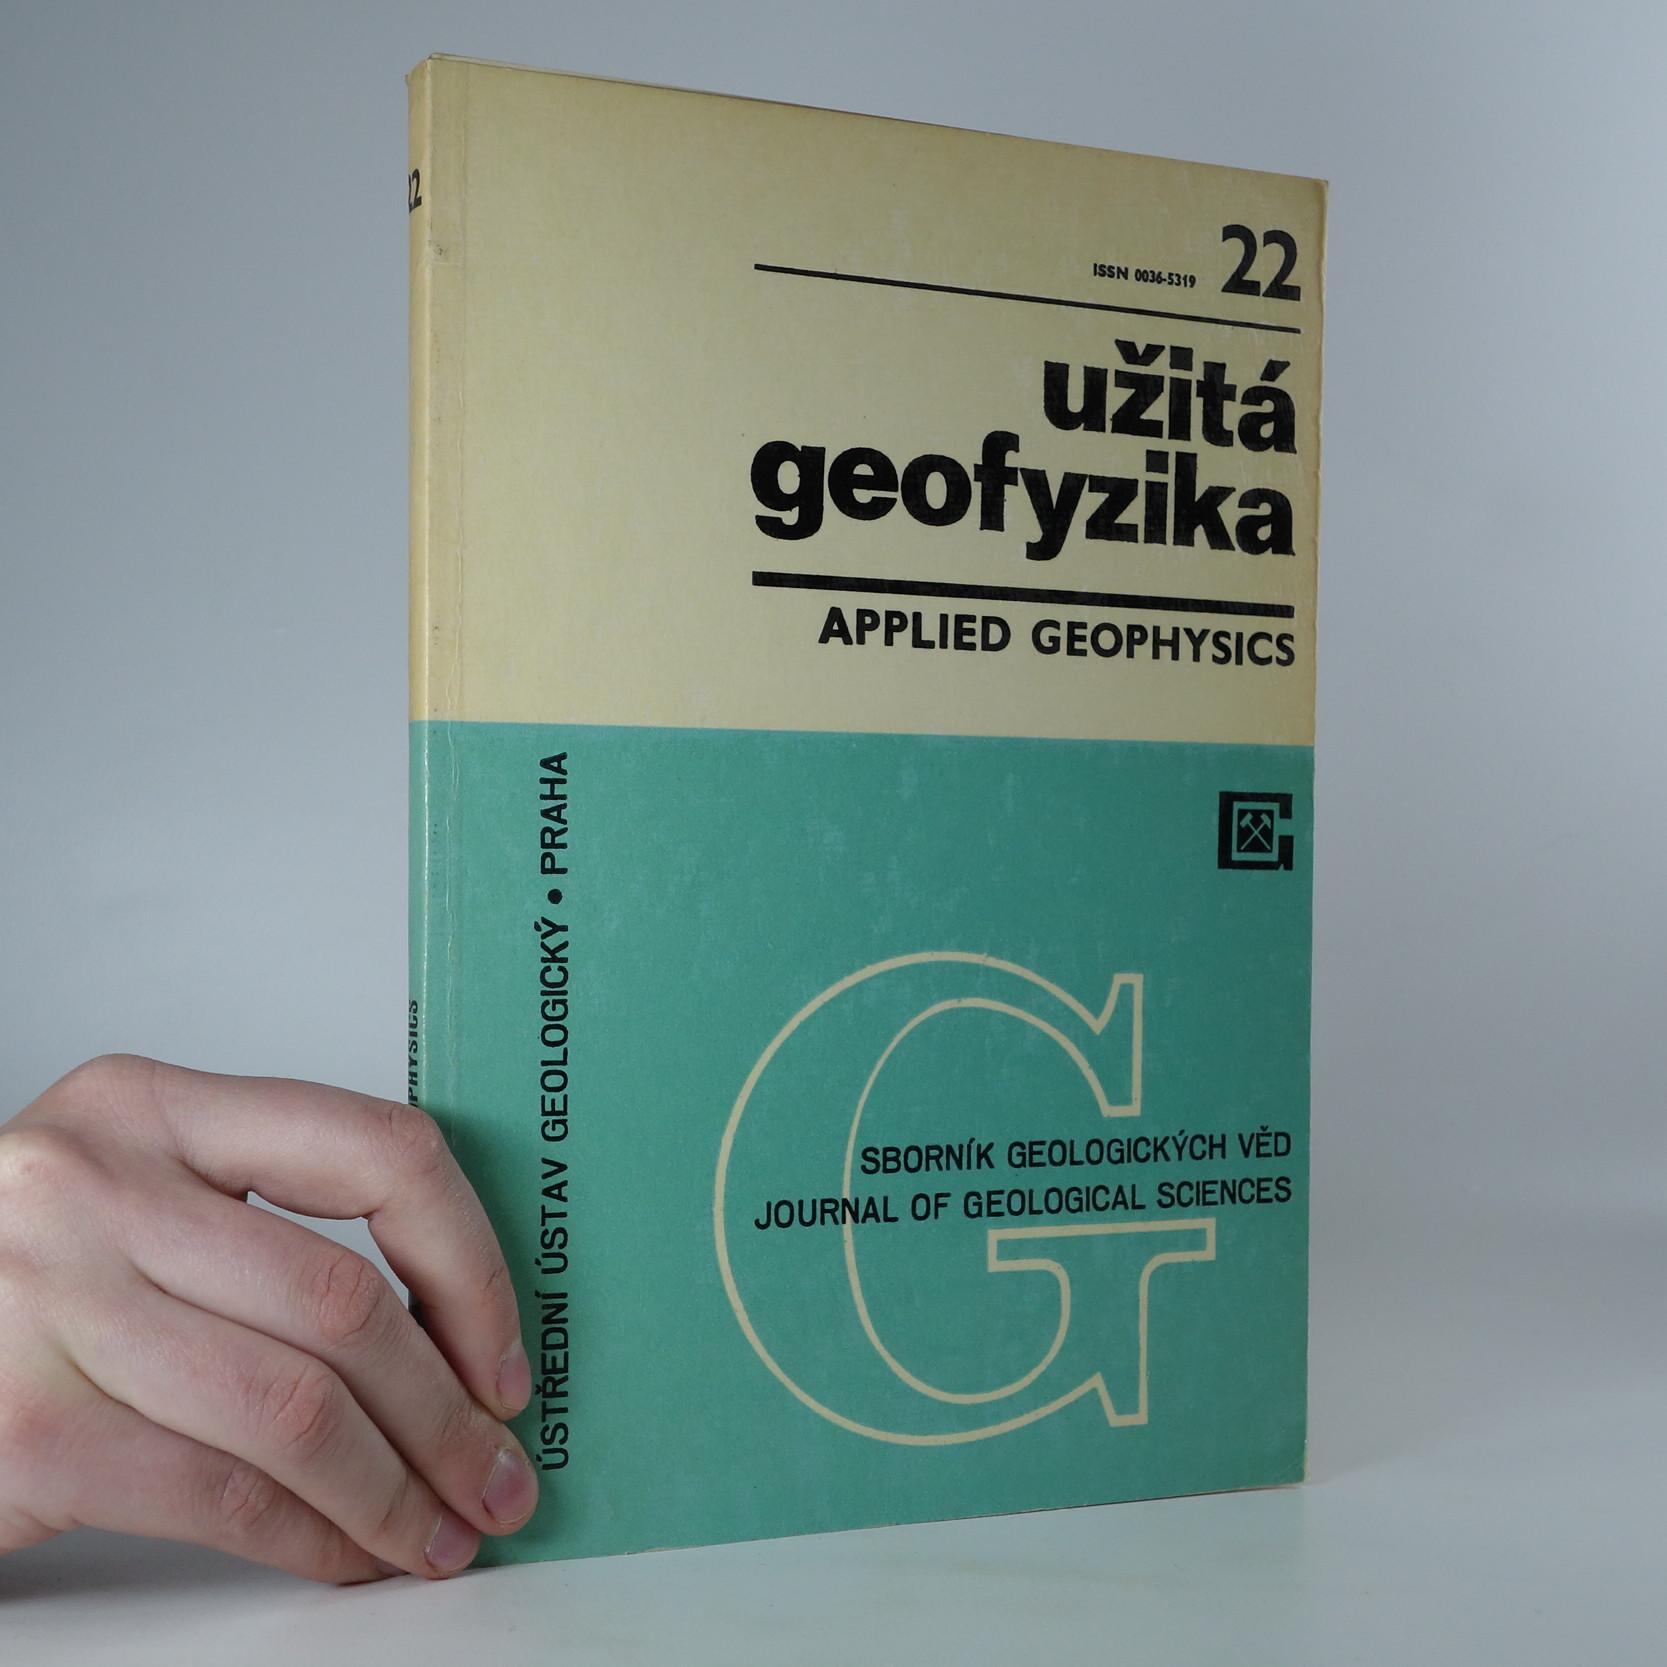 antikvární kniha Sborník geologických věd. Užitá geofyzika (č. 22), 1988